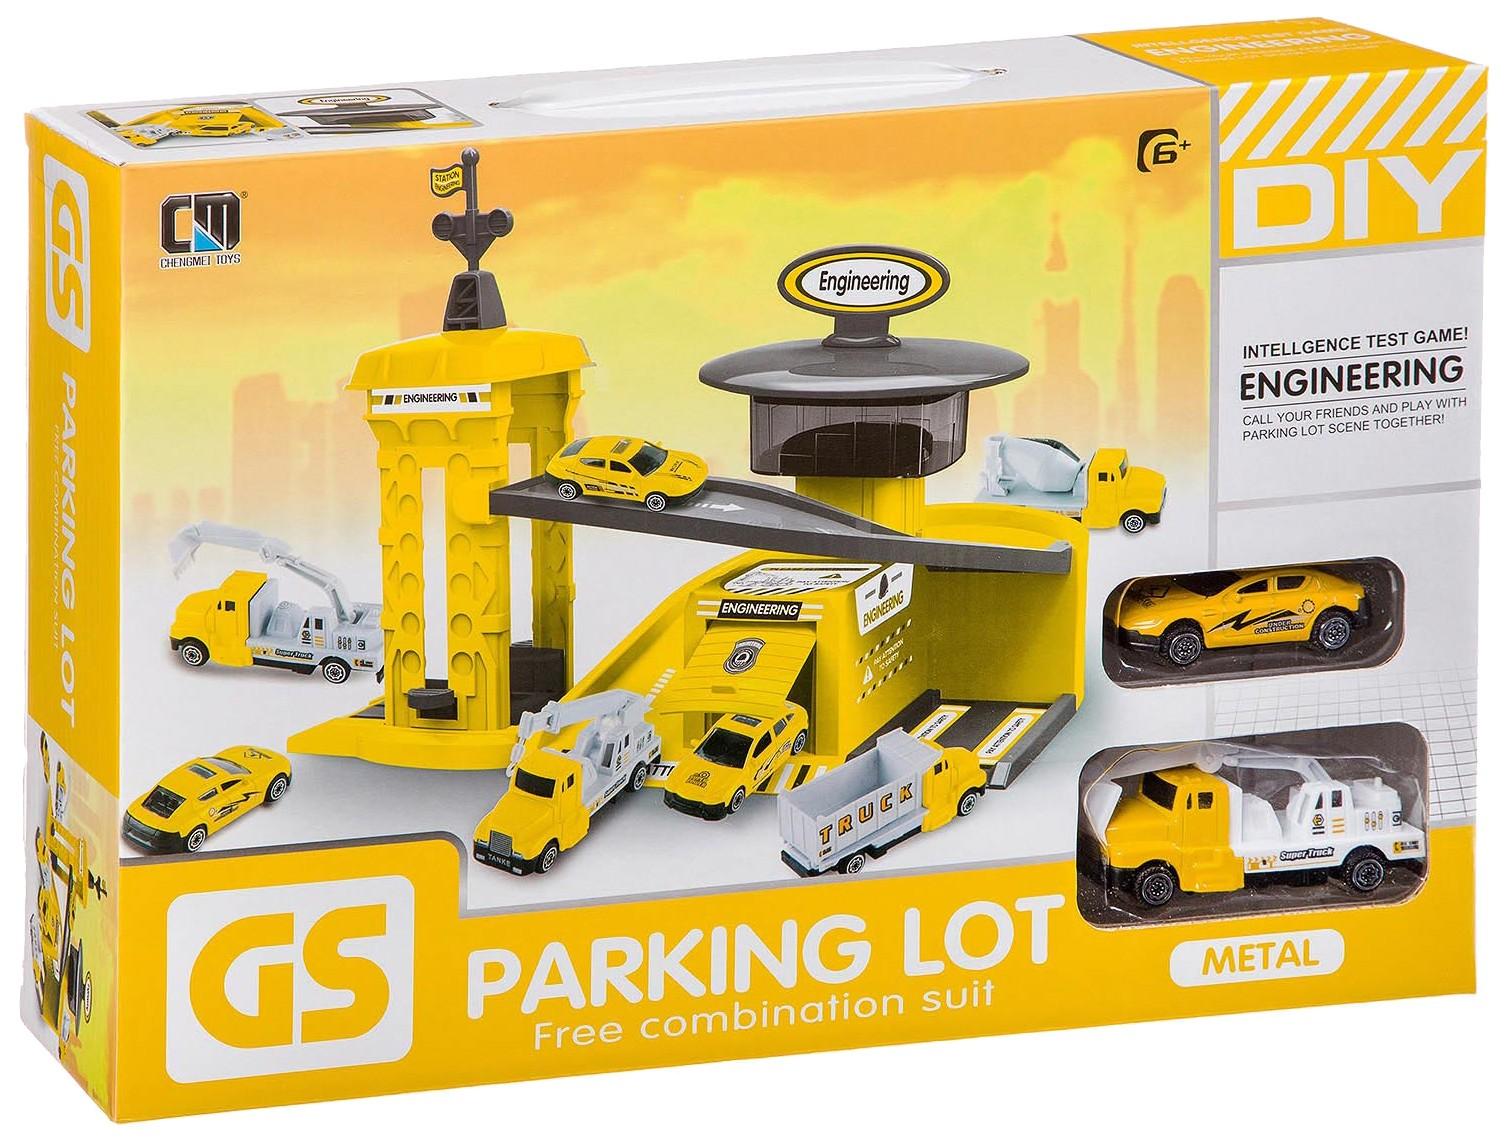 Купить Набор строительная парковка, 2 шт. мет. машины, ВОХ 39, 7х8х26, 5 см, 4 вида, Shenzhen Toys, Детские парковки